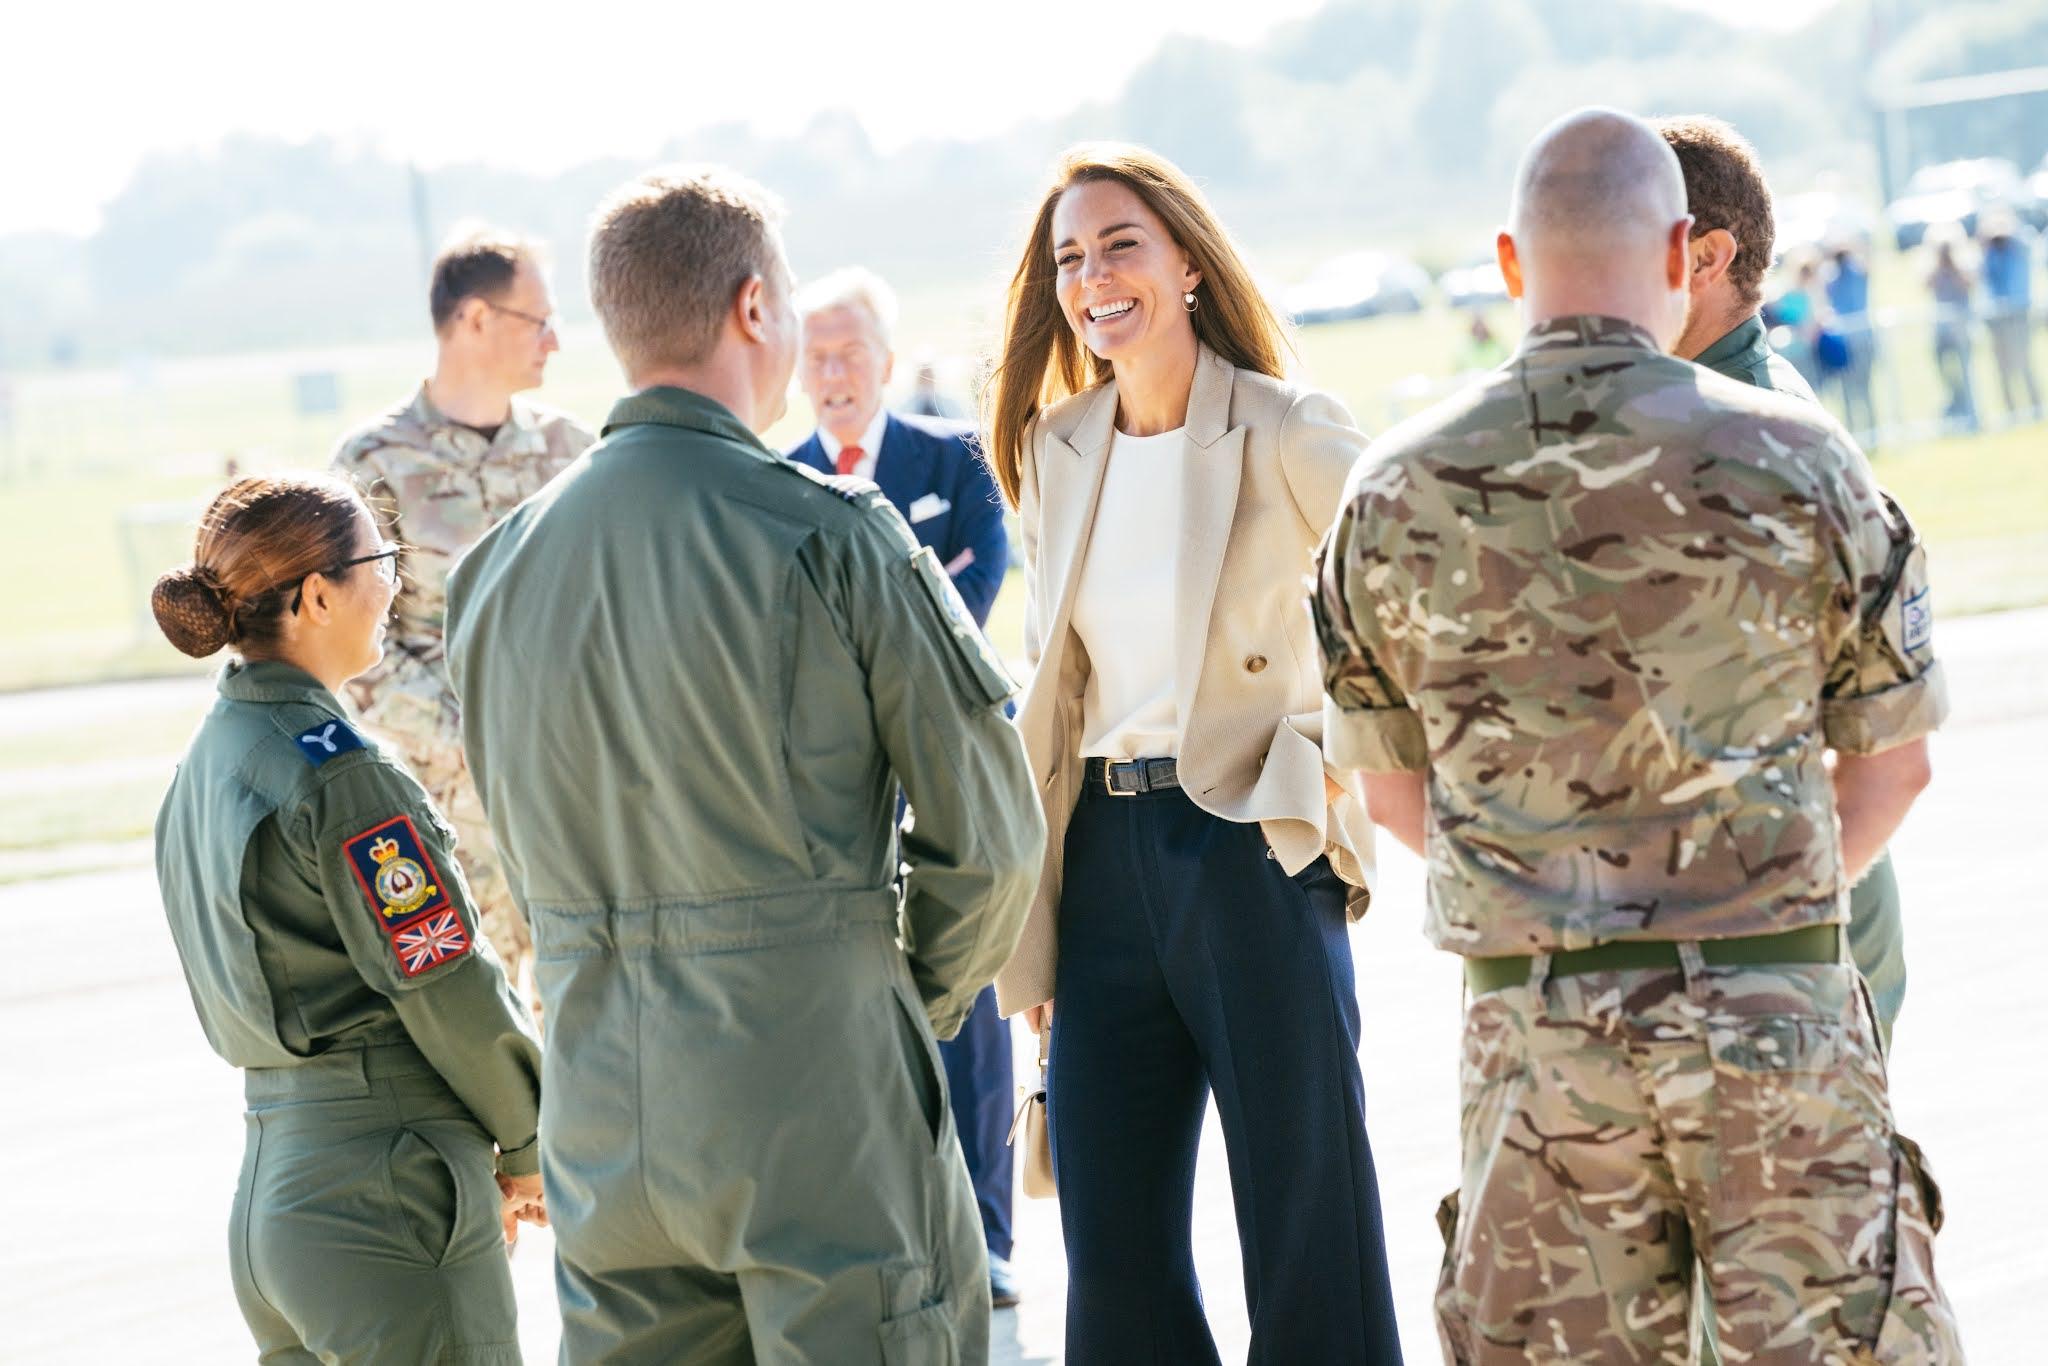 Wizyta księżnej Kate w RAF Brize Norton w Oxfordshire + Książę William na ulicach Londynu + Nowe zdjęcia Kate, George'a i Charlotte! + więcej